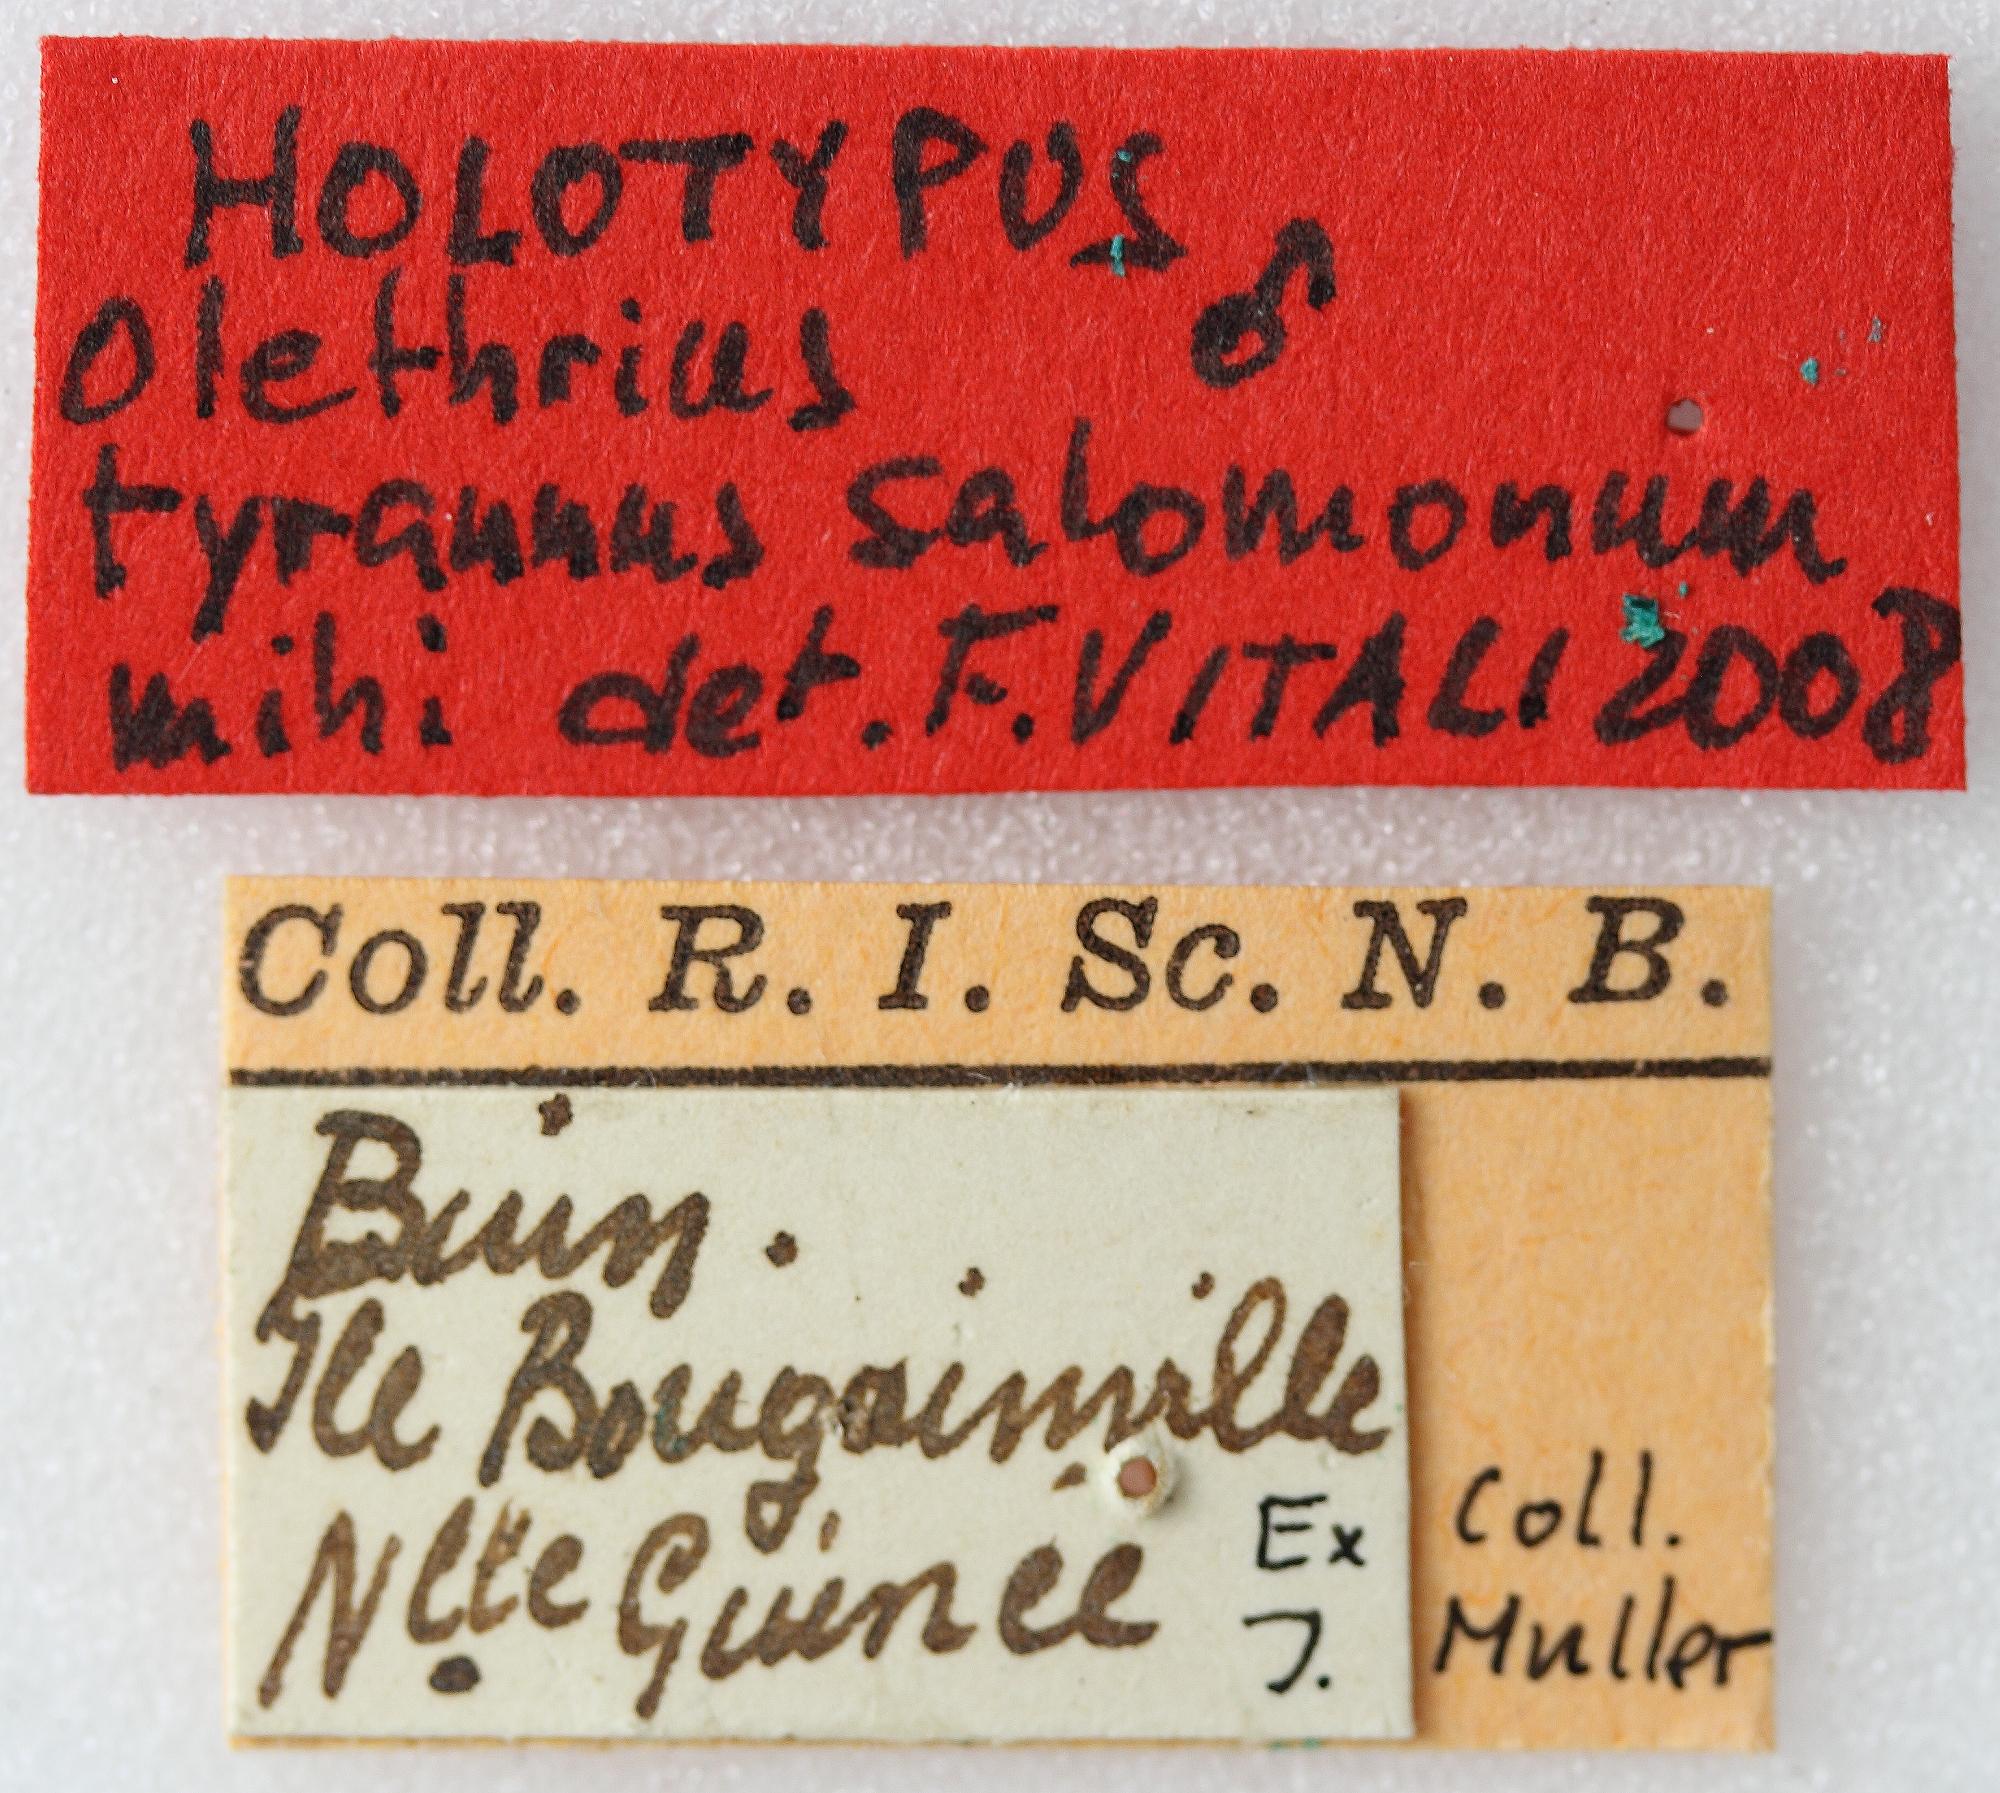 Olethrius tyrannus salomonum 01 00 Holotype M 042 BRUS 201405.jpg